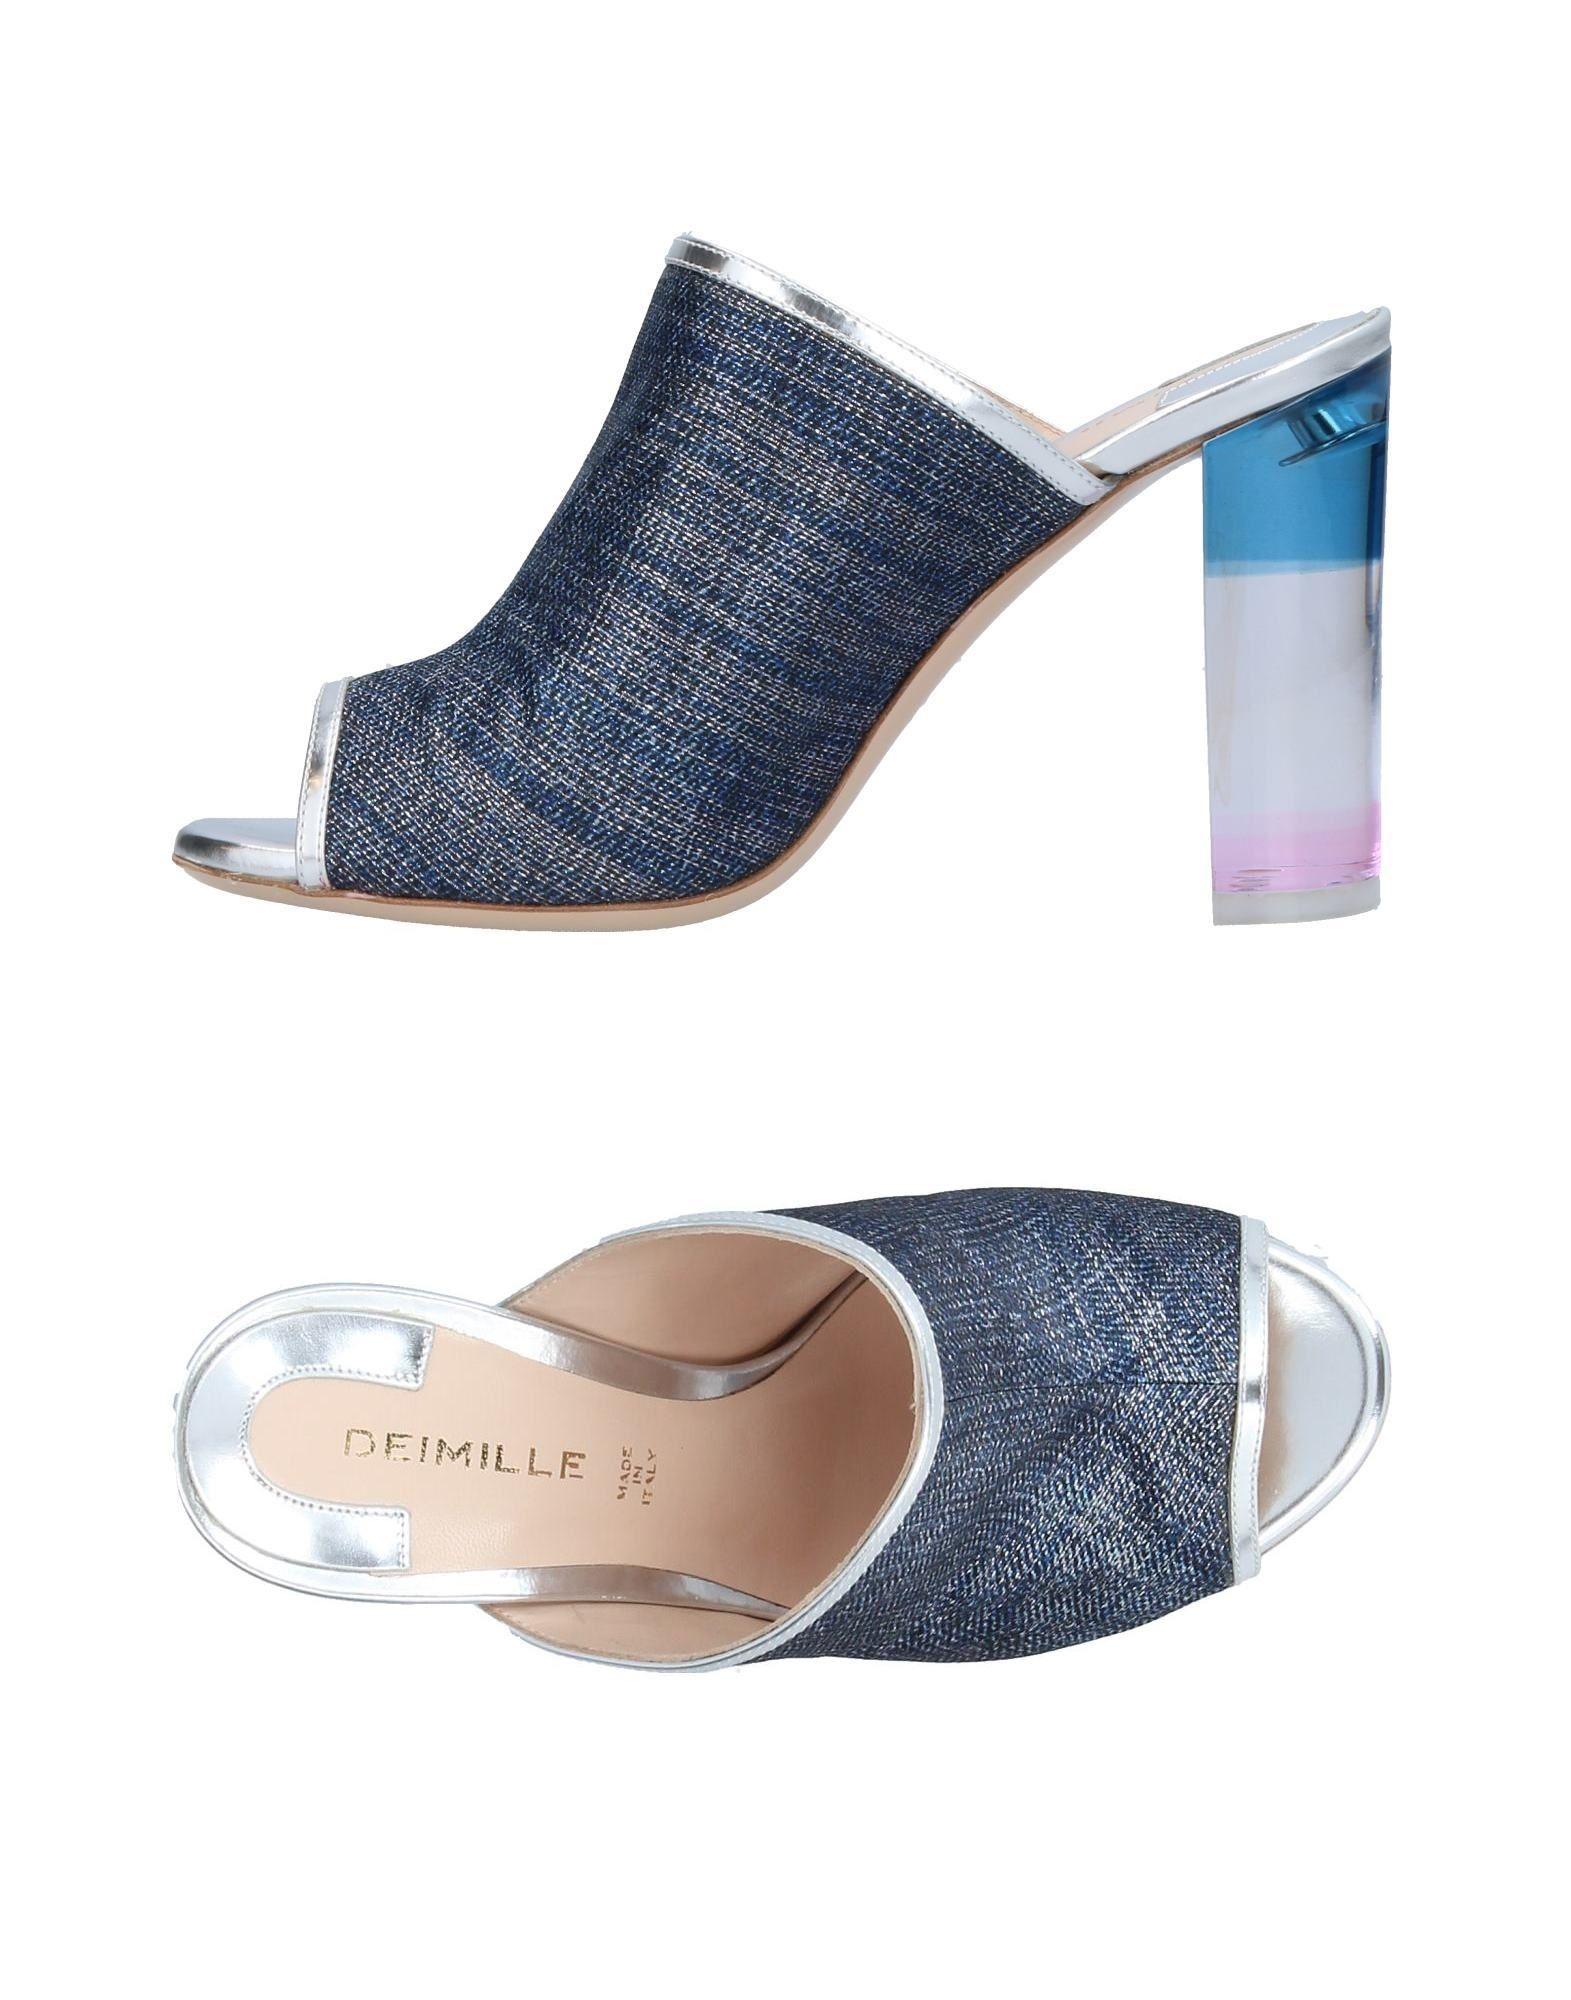 Deimille Sandalen Damen  11399565IW Gute Qualität beliebte Schuhe